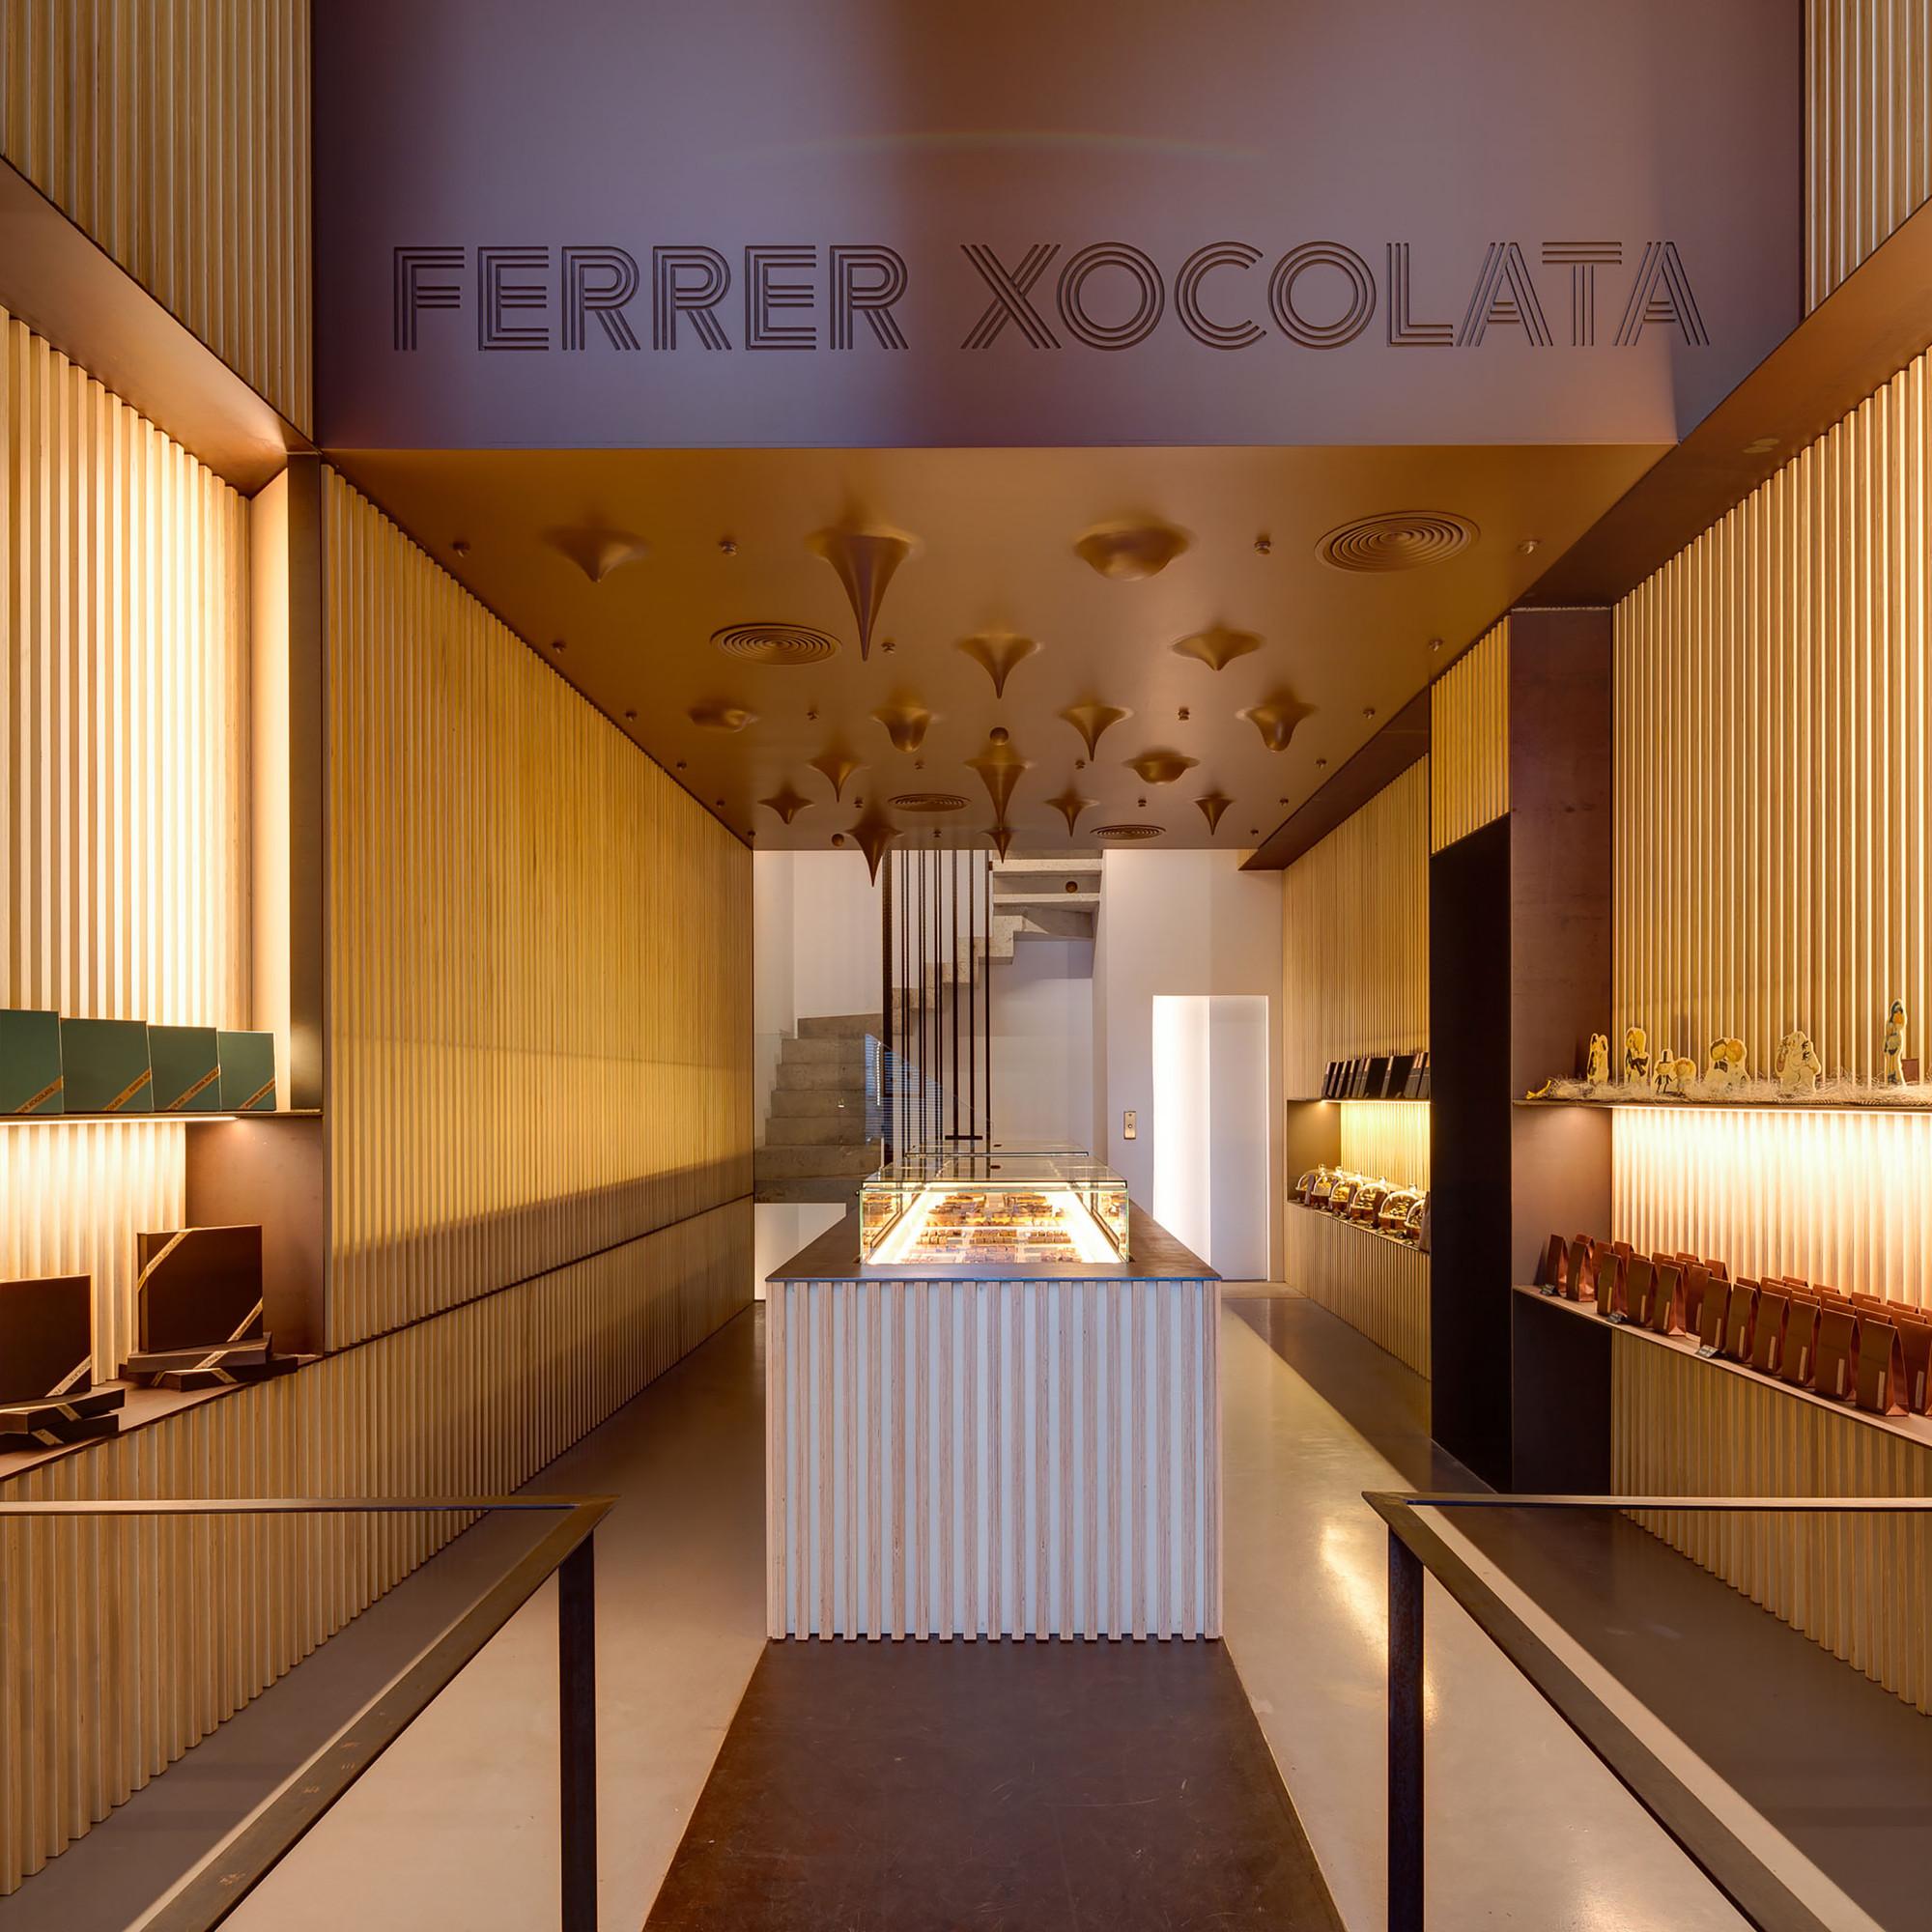 Ferrer Xocolata / arnau estudi d'arquitectura, Courtesy of arnau estudi d'arquitectura